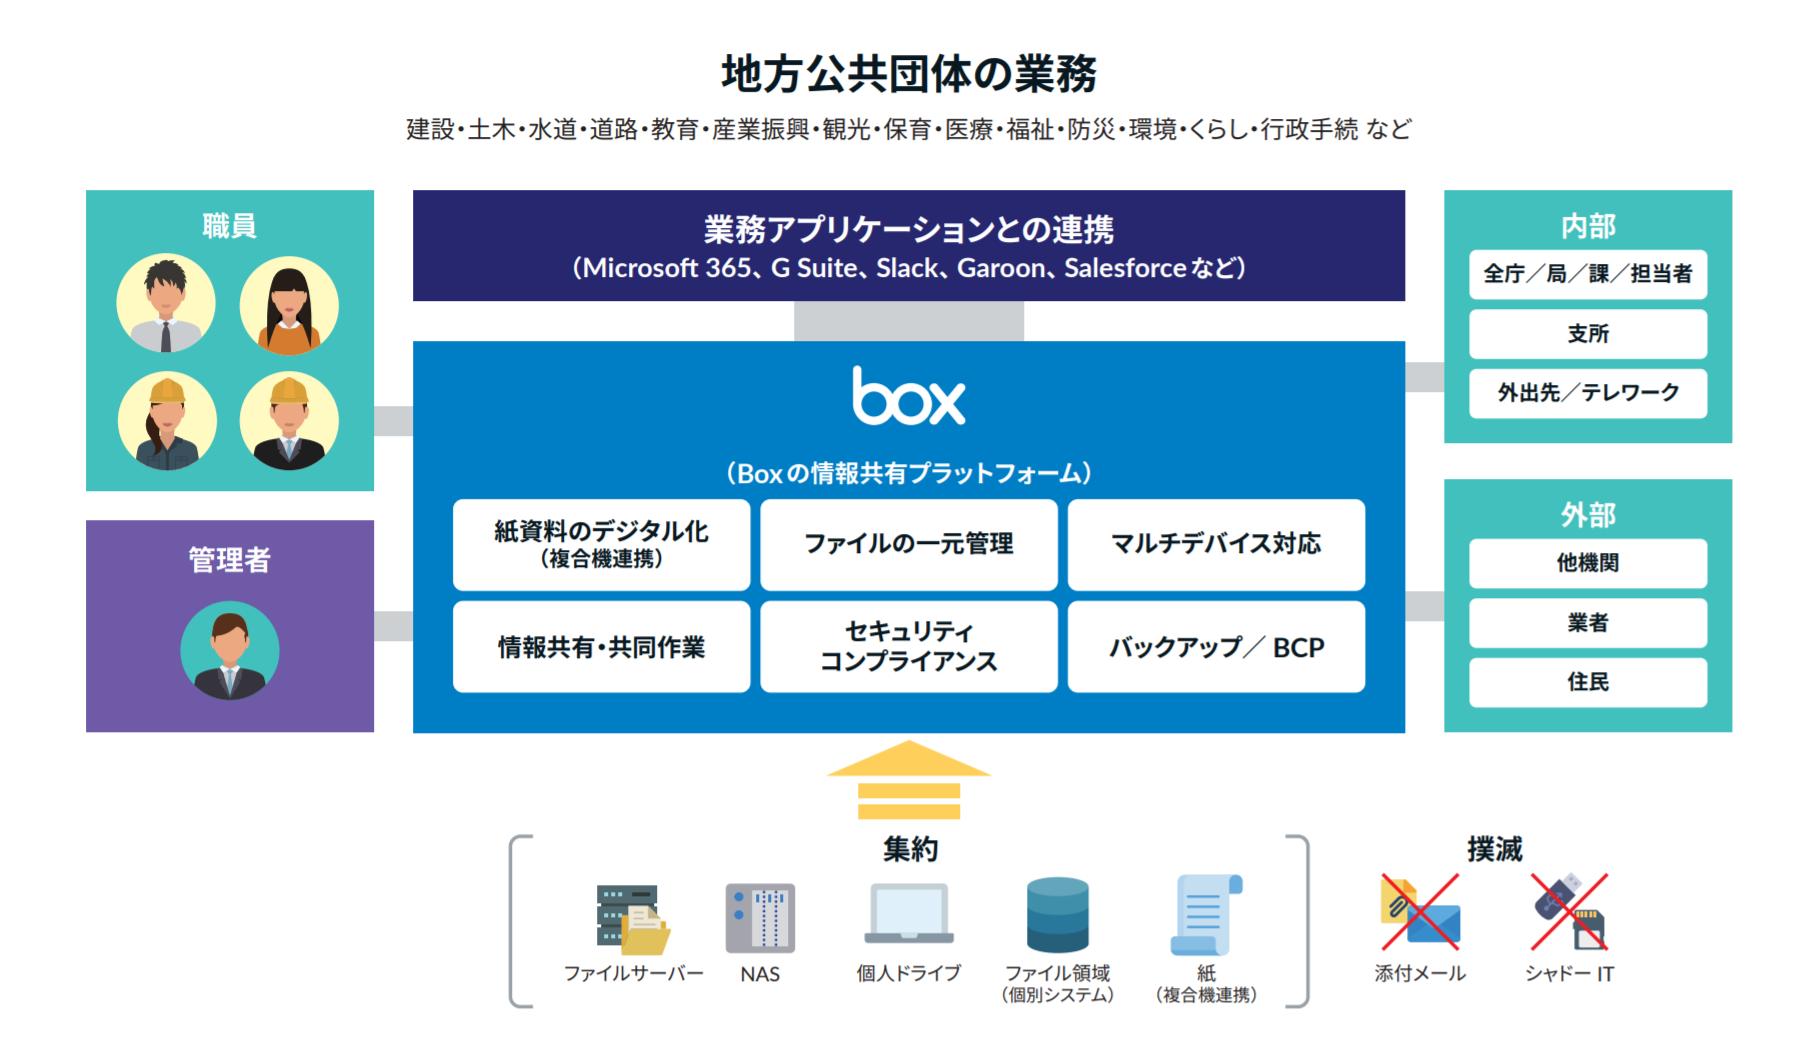 「Boxの情報共有プラットフォーム」なら実現できます